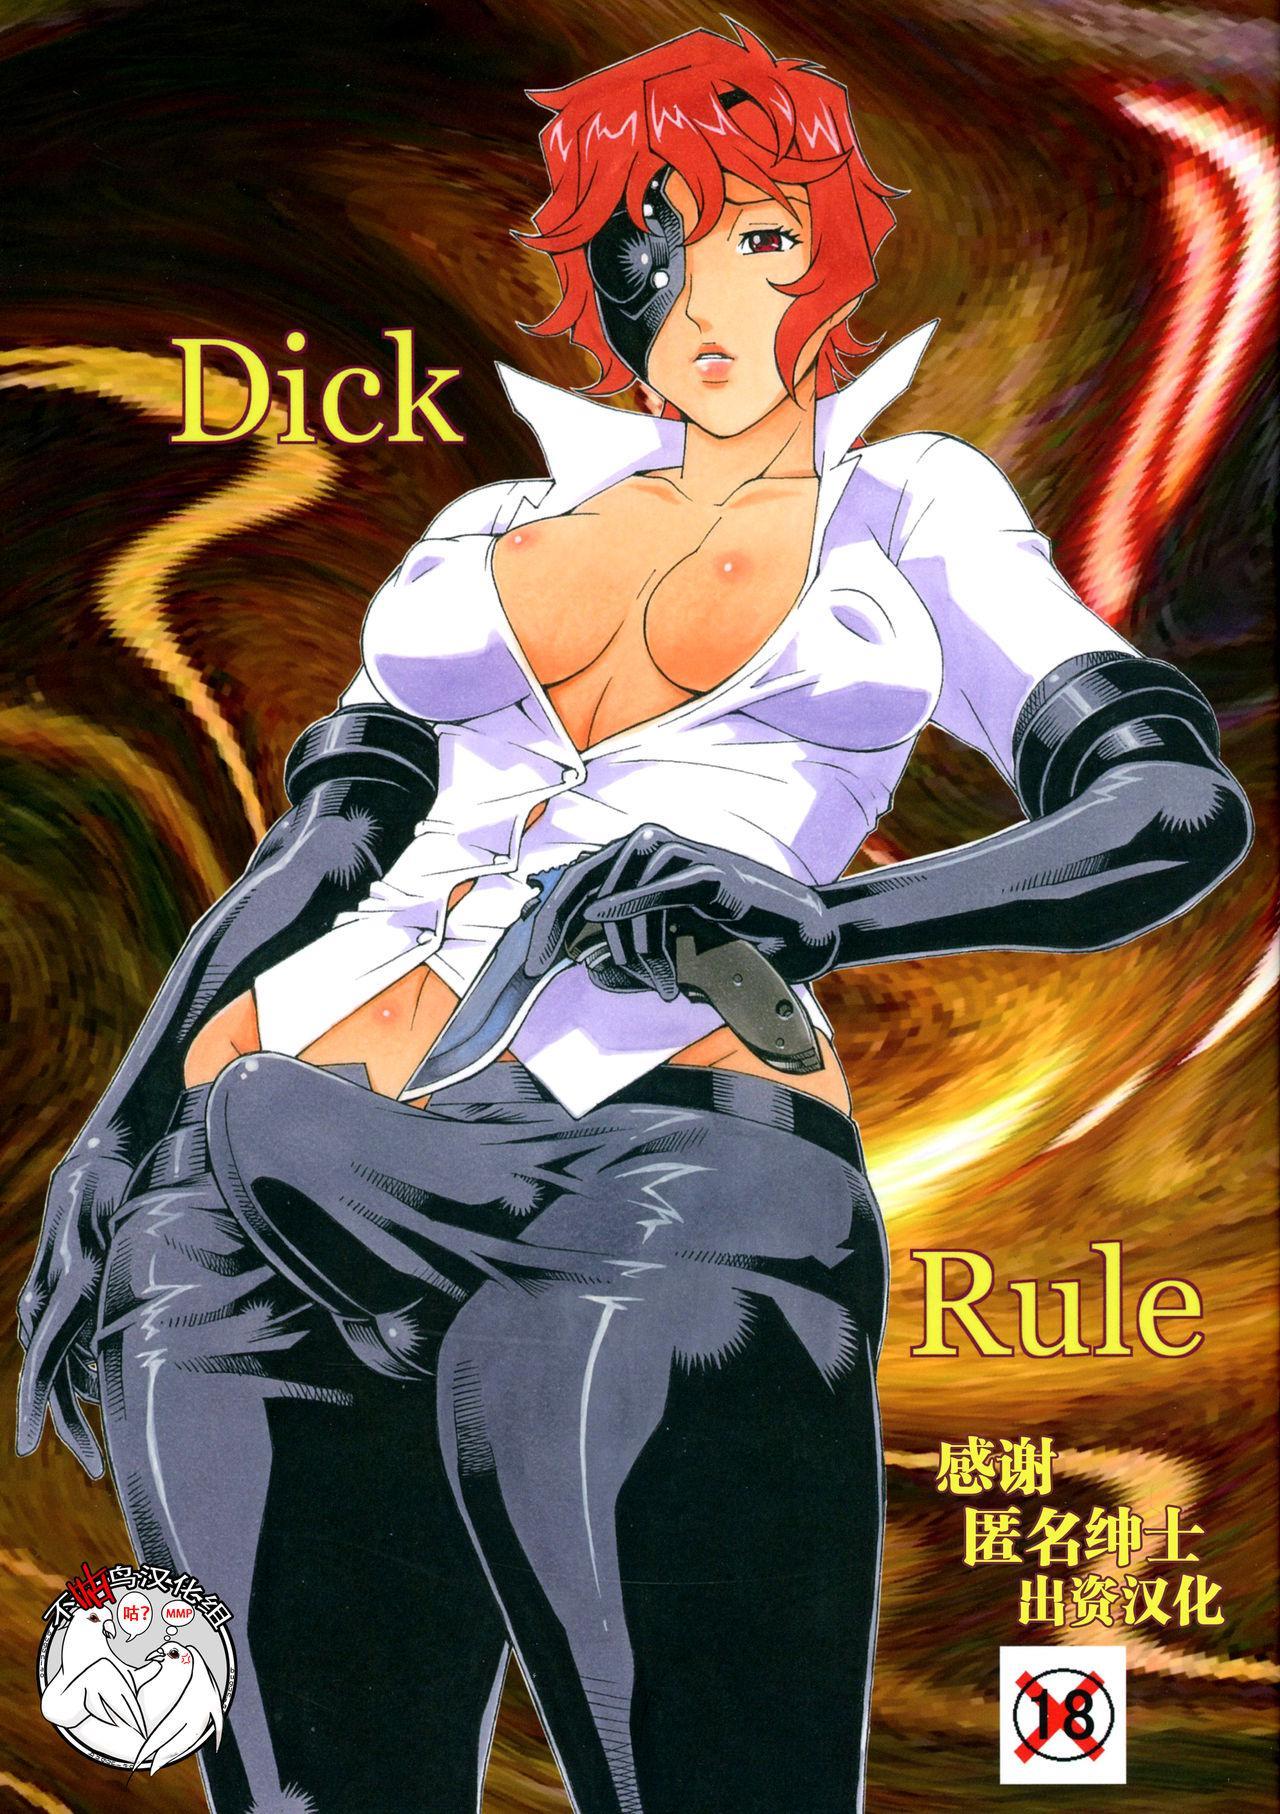 Dick Rule 0